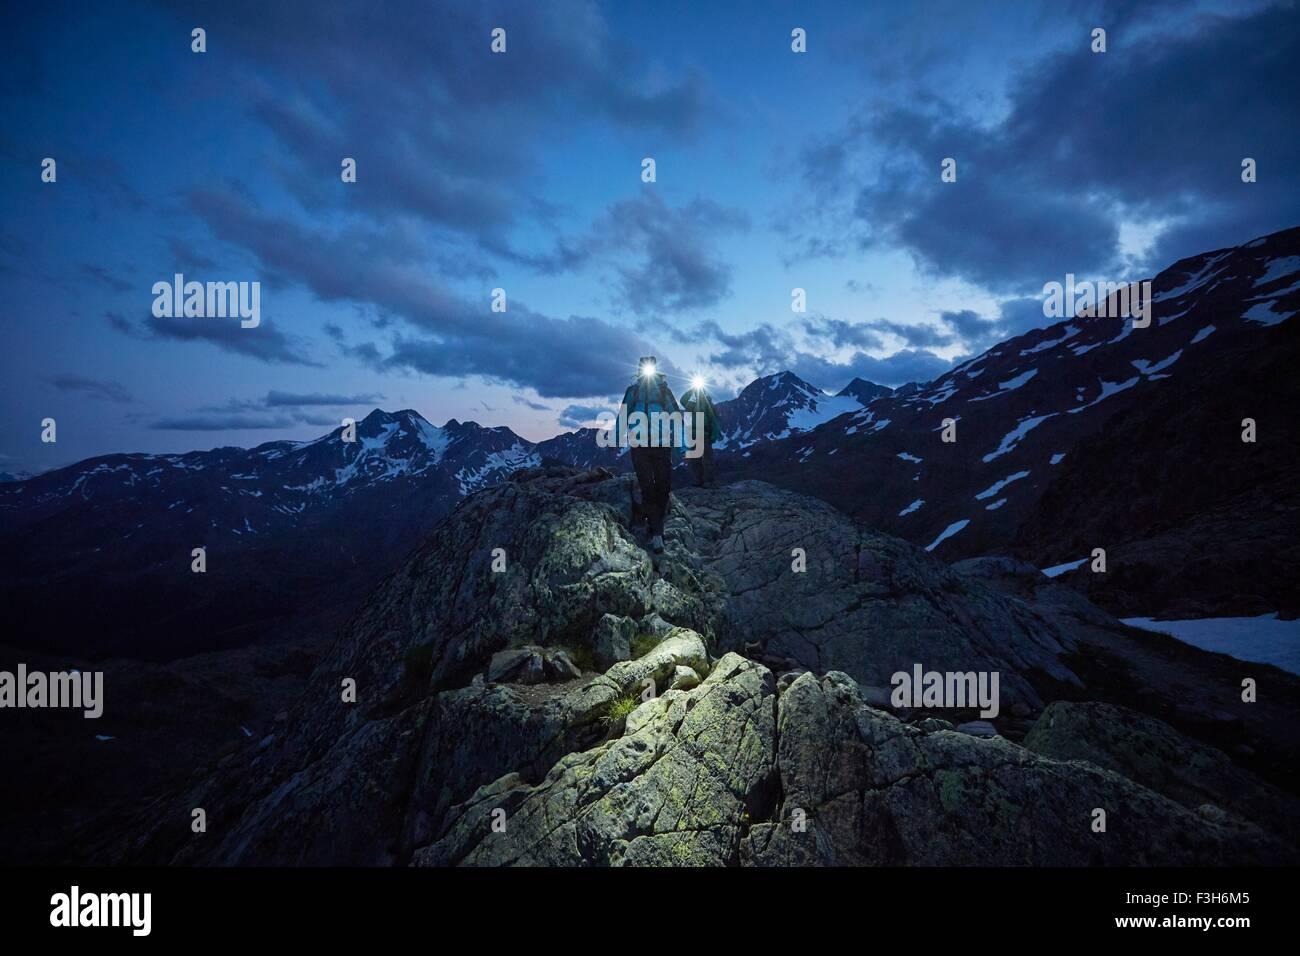 Jeune couple randonnées de nuit portant des projecteurs, Val Senales Val Senales, Glacier, Tyrol du Sud, Italie Photo Stock